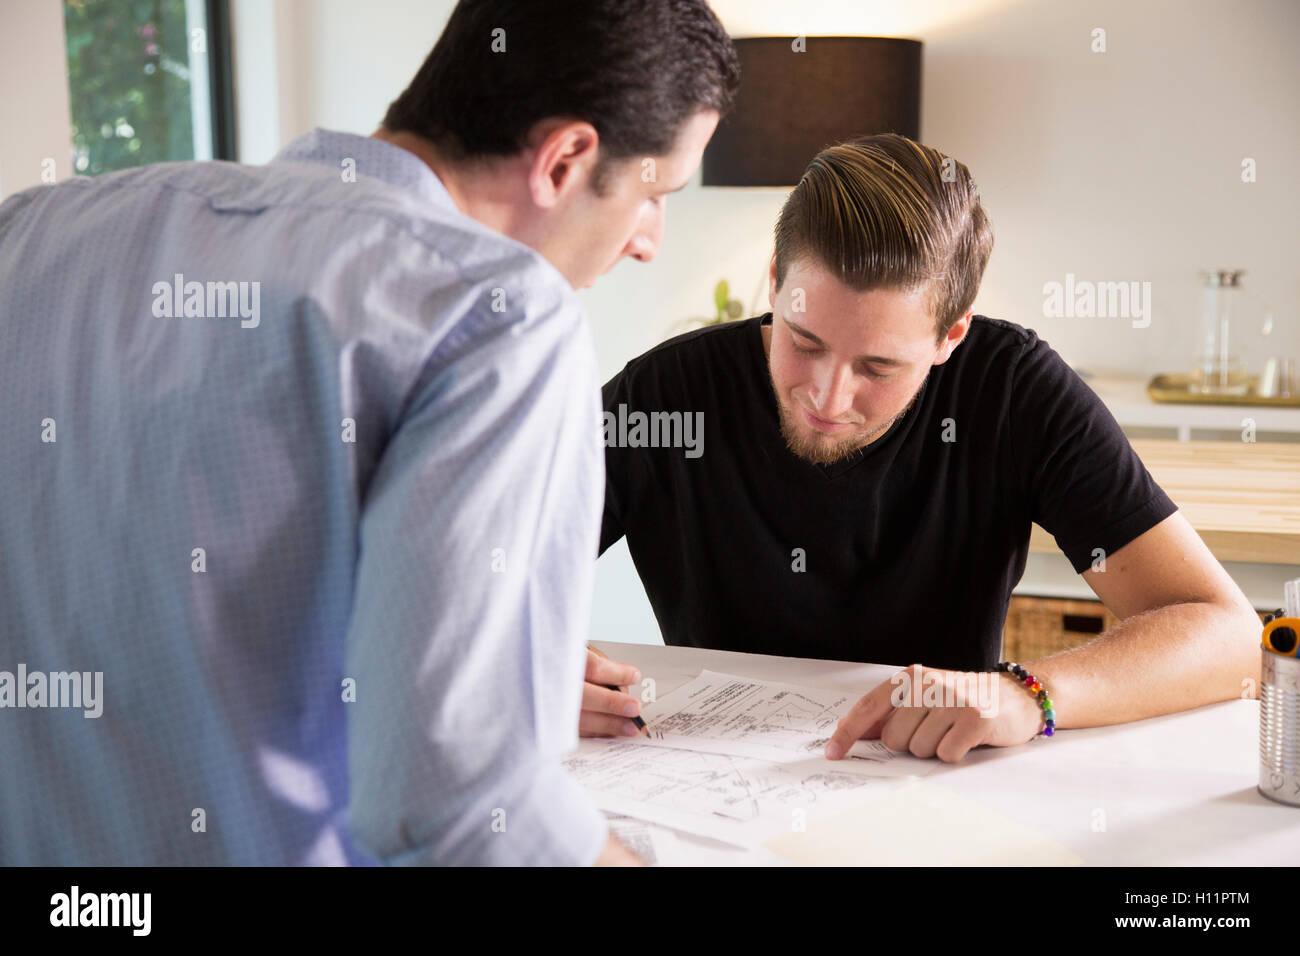 Deux hommes employés de bureau partage des idées dans un bureau moderne Banque D'Images